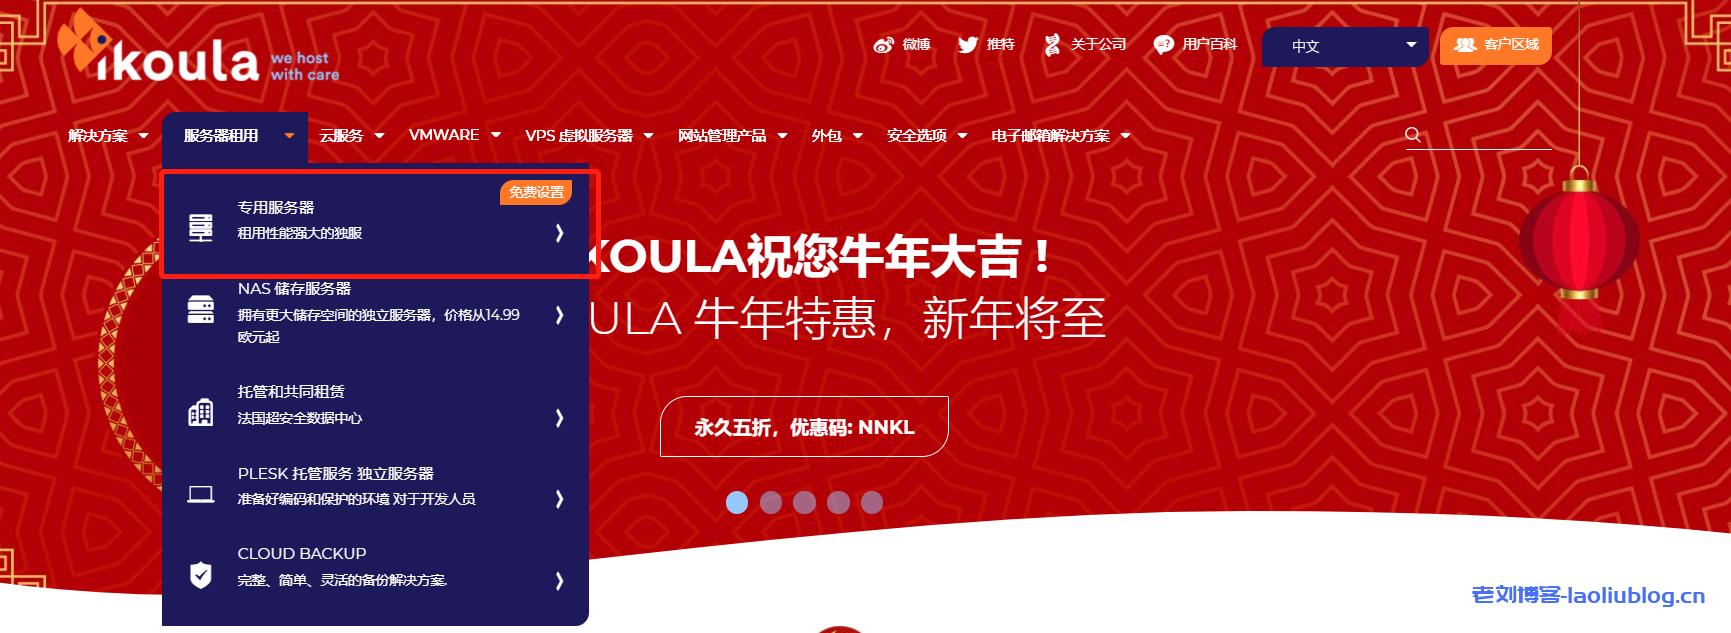 ikoula中文站牛年特惠:法国独立服务器1Gbps带宽无限流量VPS终身5折促销10欧元/月起